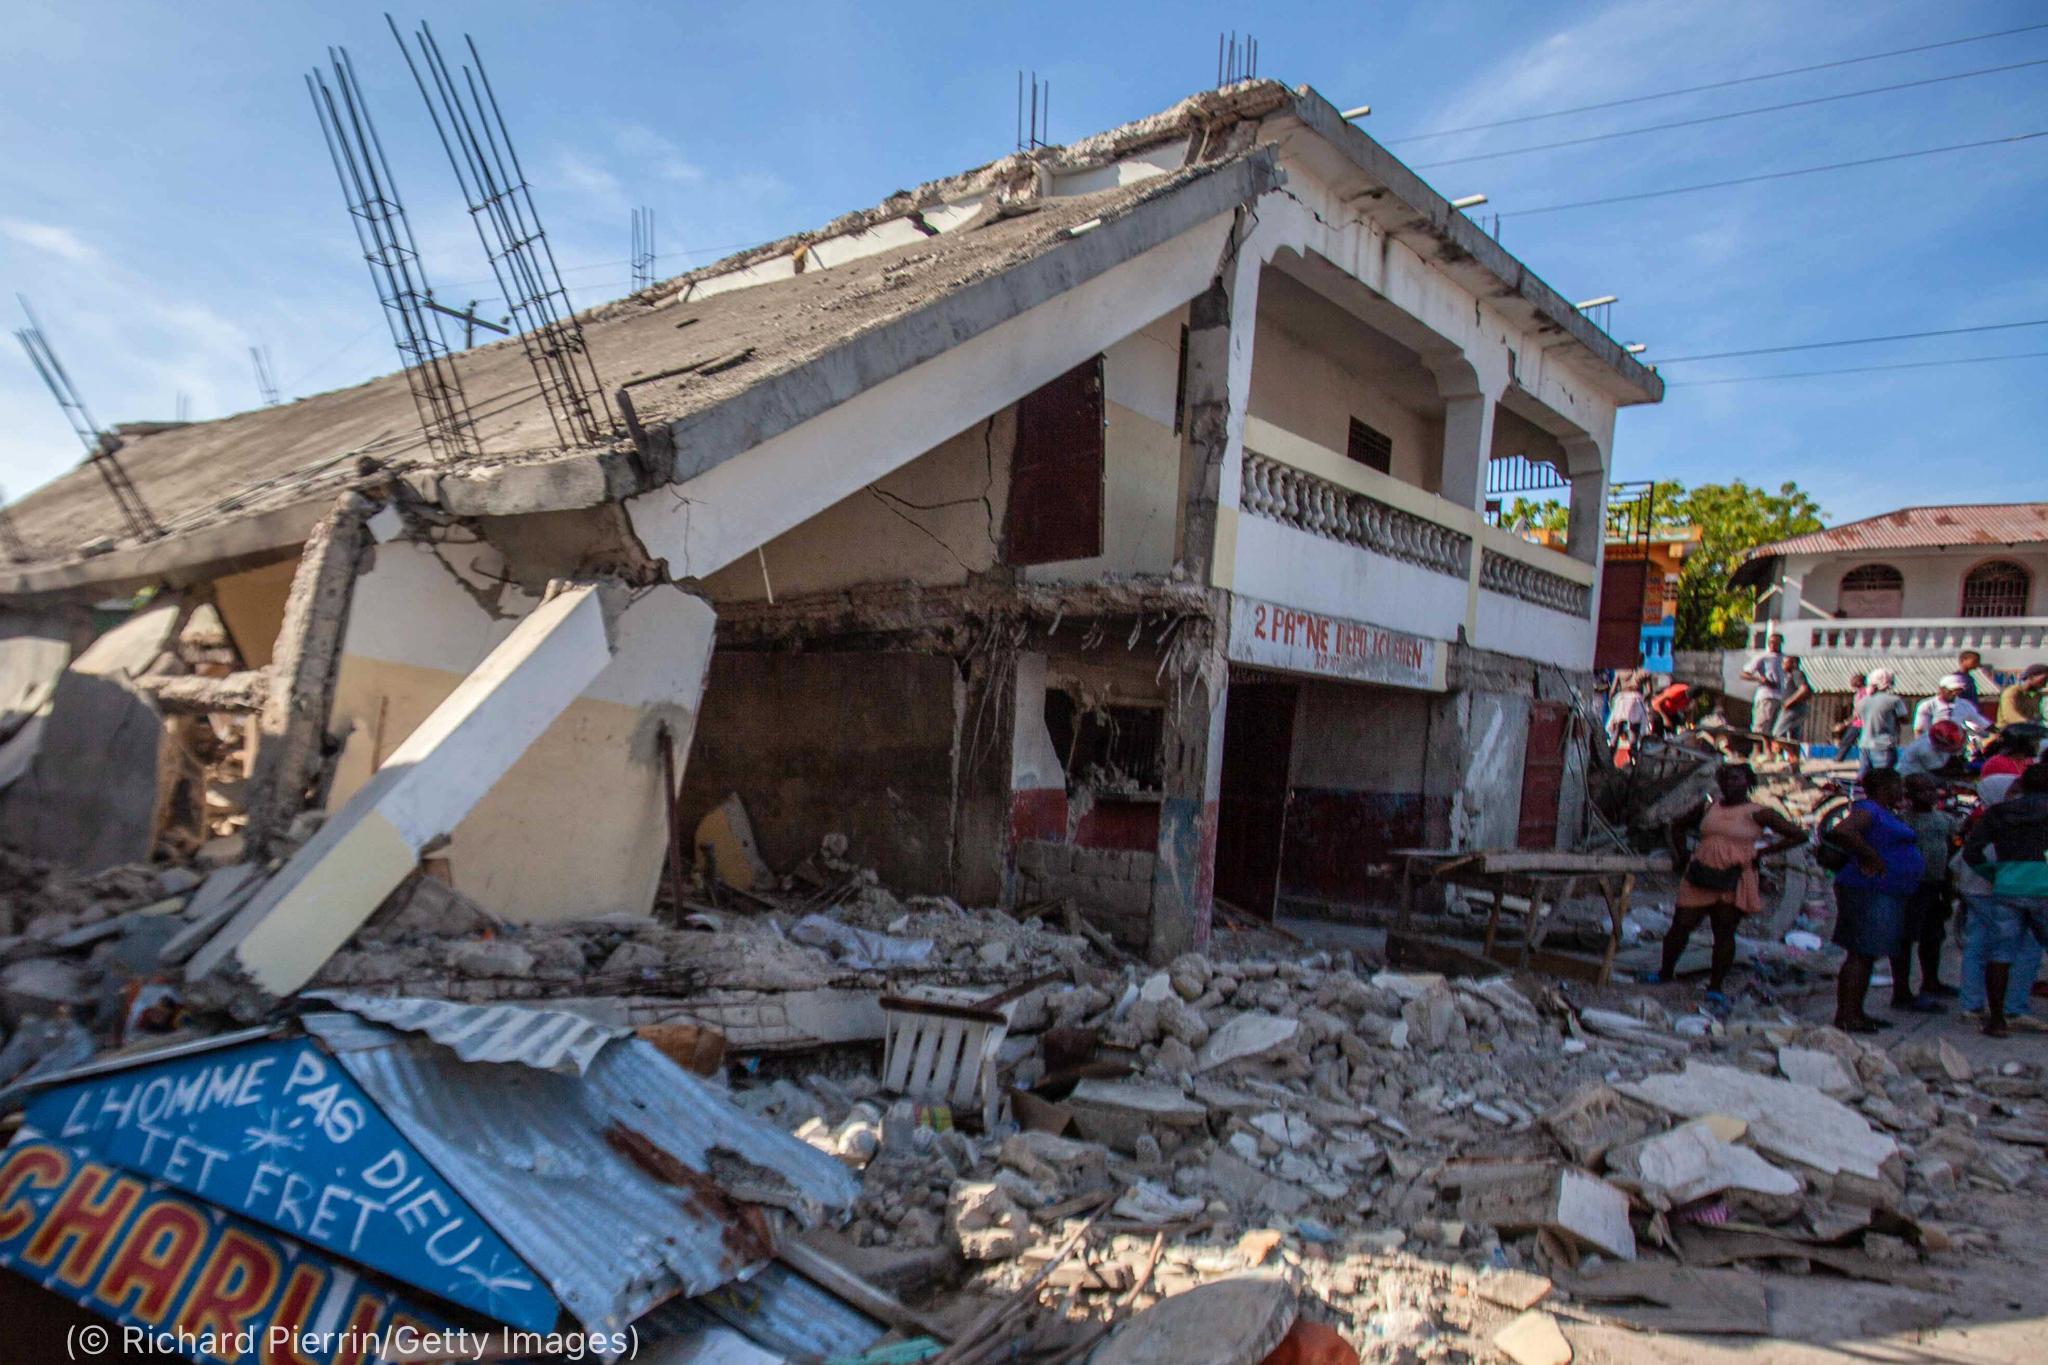 Personas mirando escombros de un edificio (© Richard Pierrin/Getty Images)